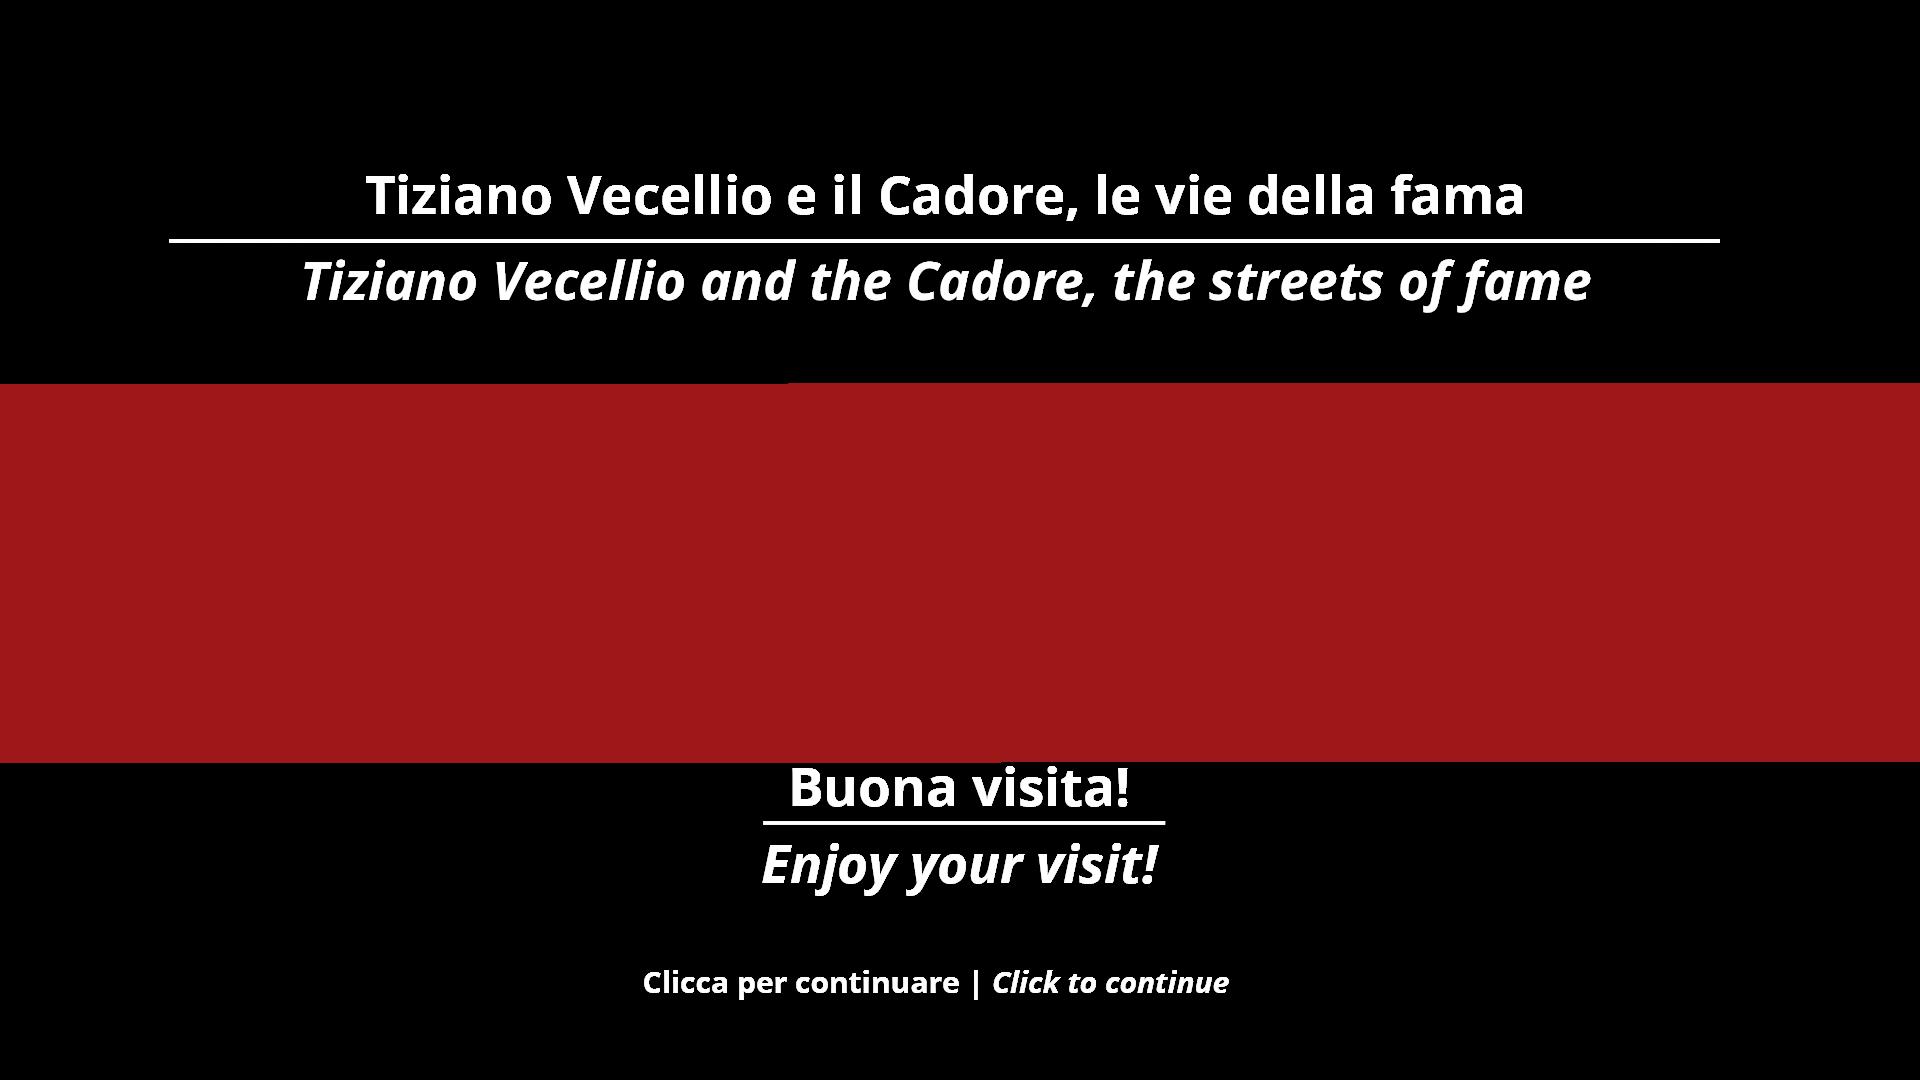 Tiziano Vecellio e il Cadore, le Vie della Fama.